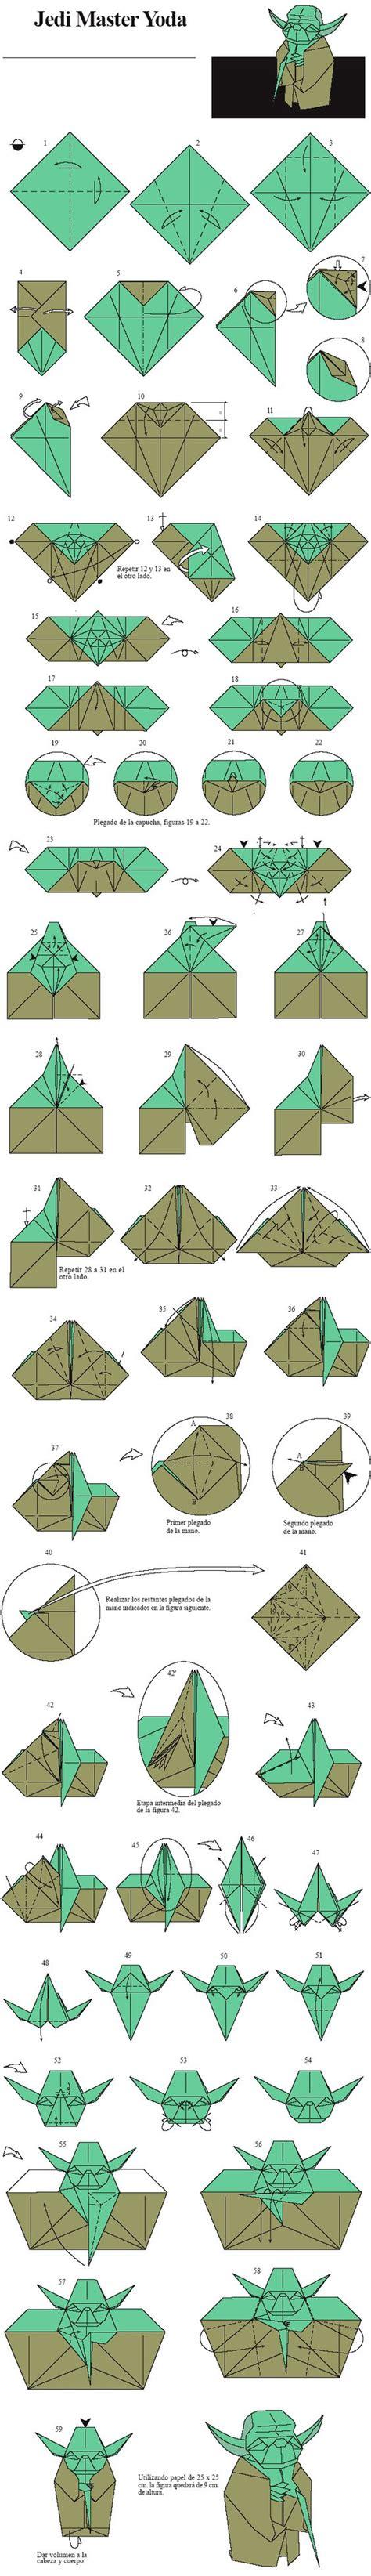 Origami Yoda Fumiaki Kawahata - origami jedi master yoda designed by fumiaki kawahata